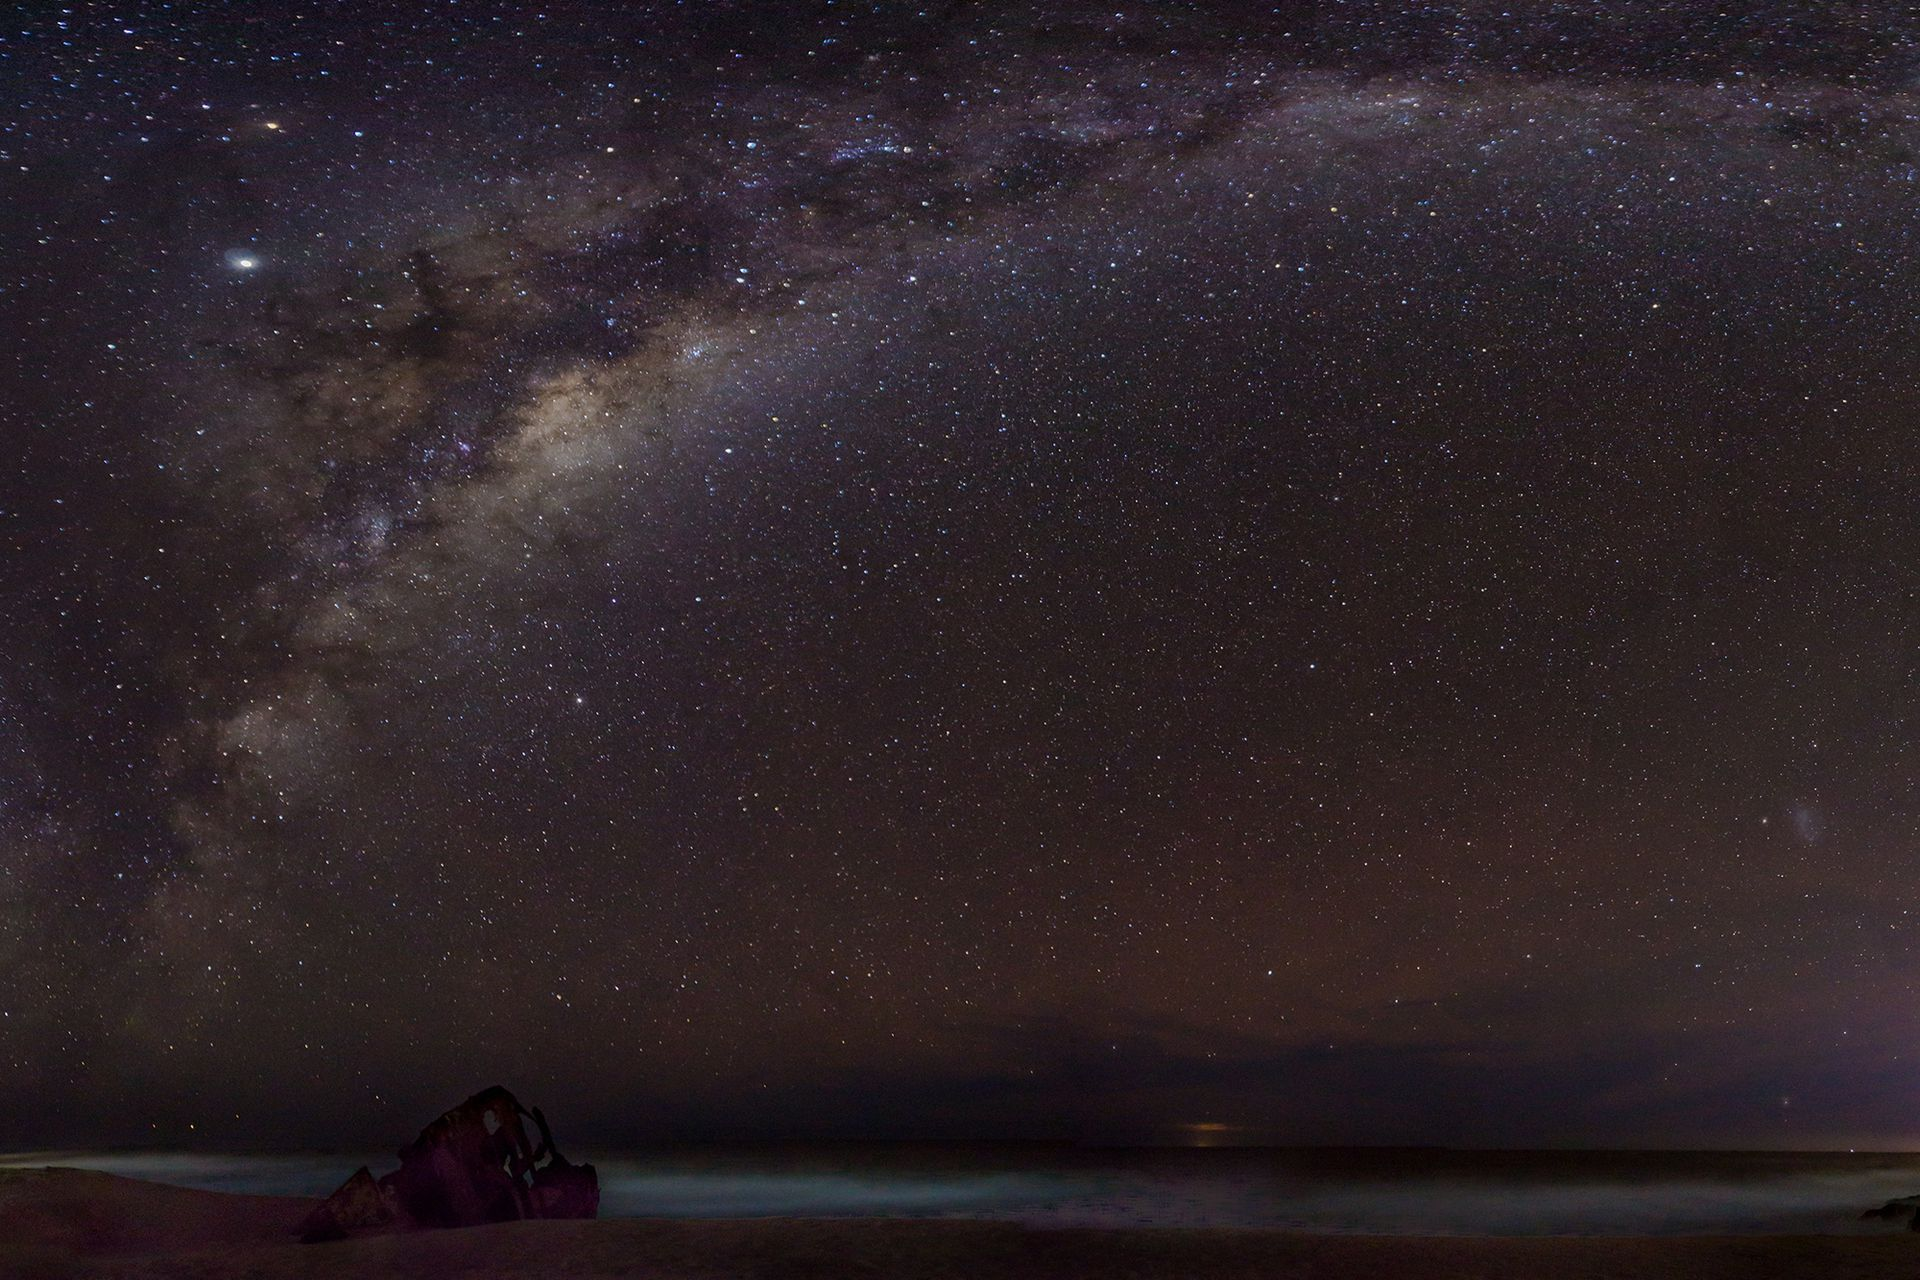 Una noche fría de invierno en la Playa del Barco de La Pedrera, Rocha. Es una composición de 9 fotos tomadas en vertical unidas.